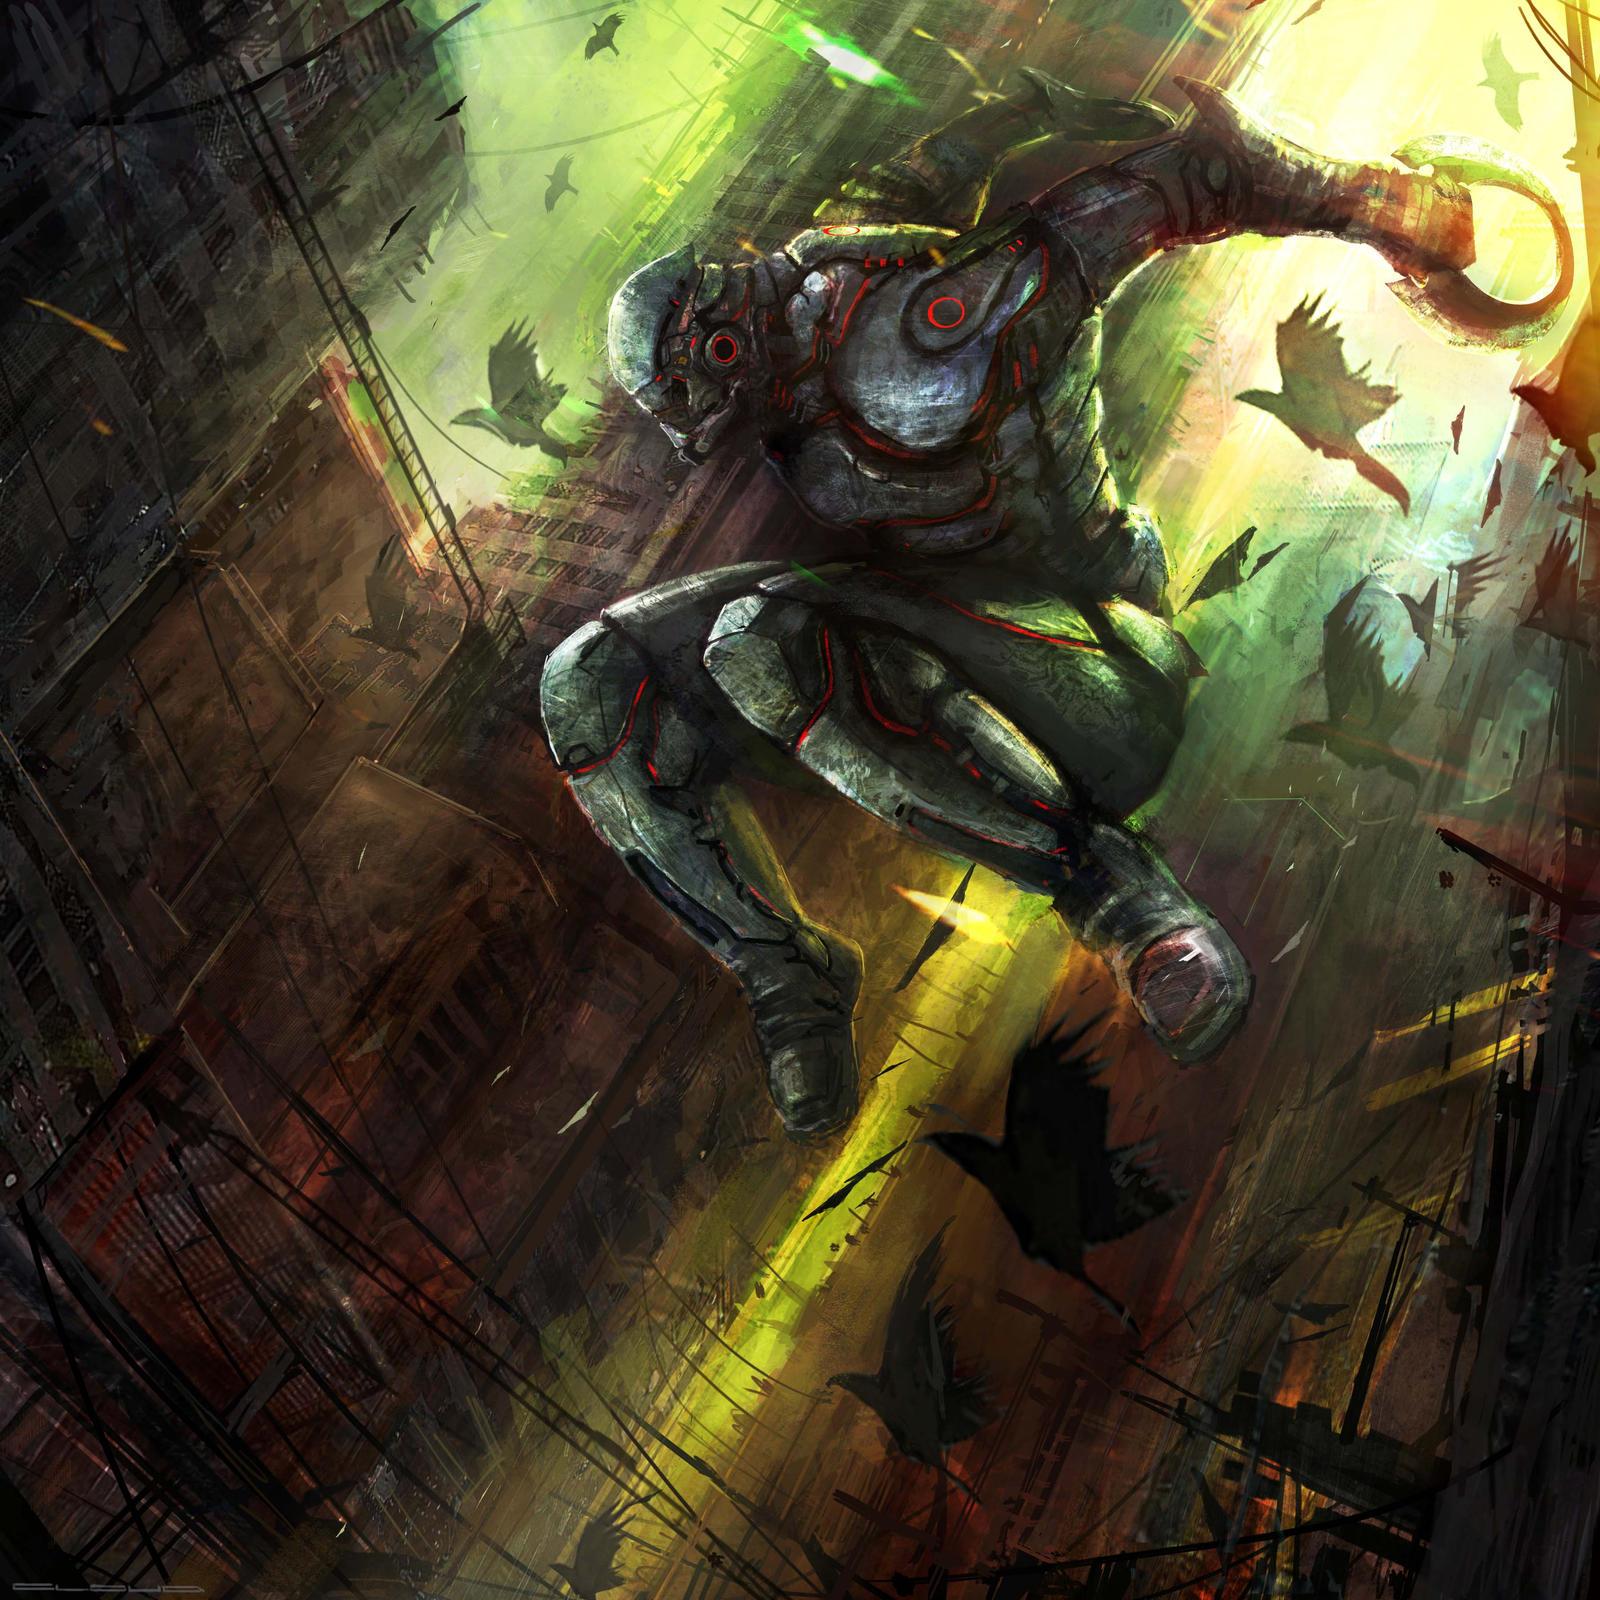 Blade stalker by Darkcloud013